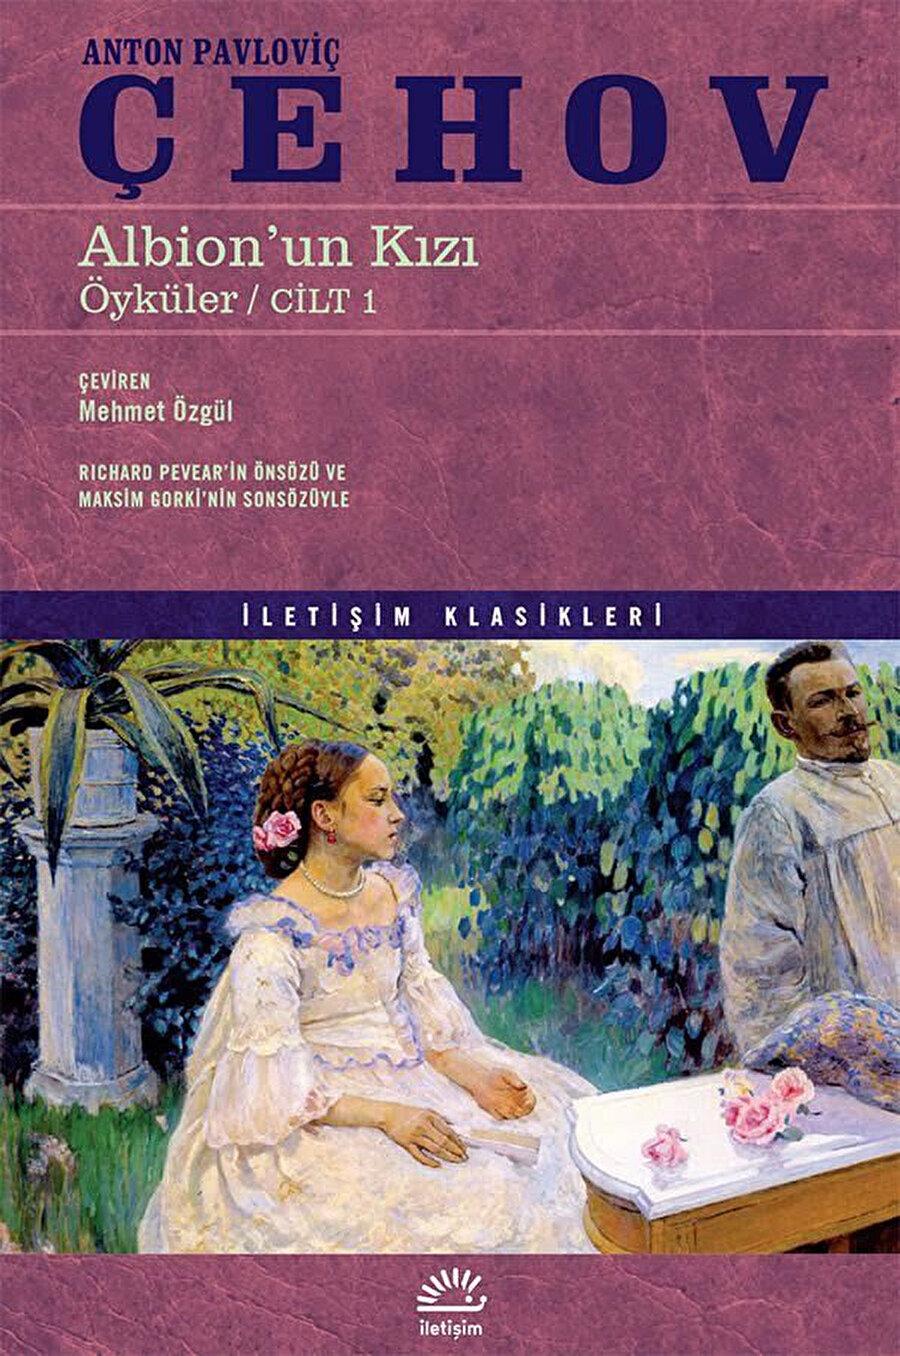 Albion'un Kızı, Anton Çehov